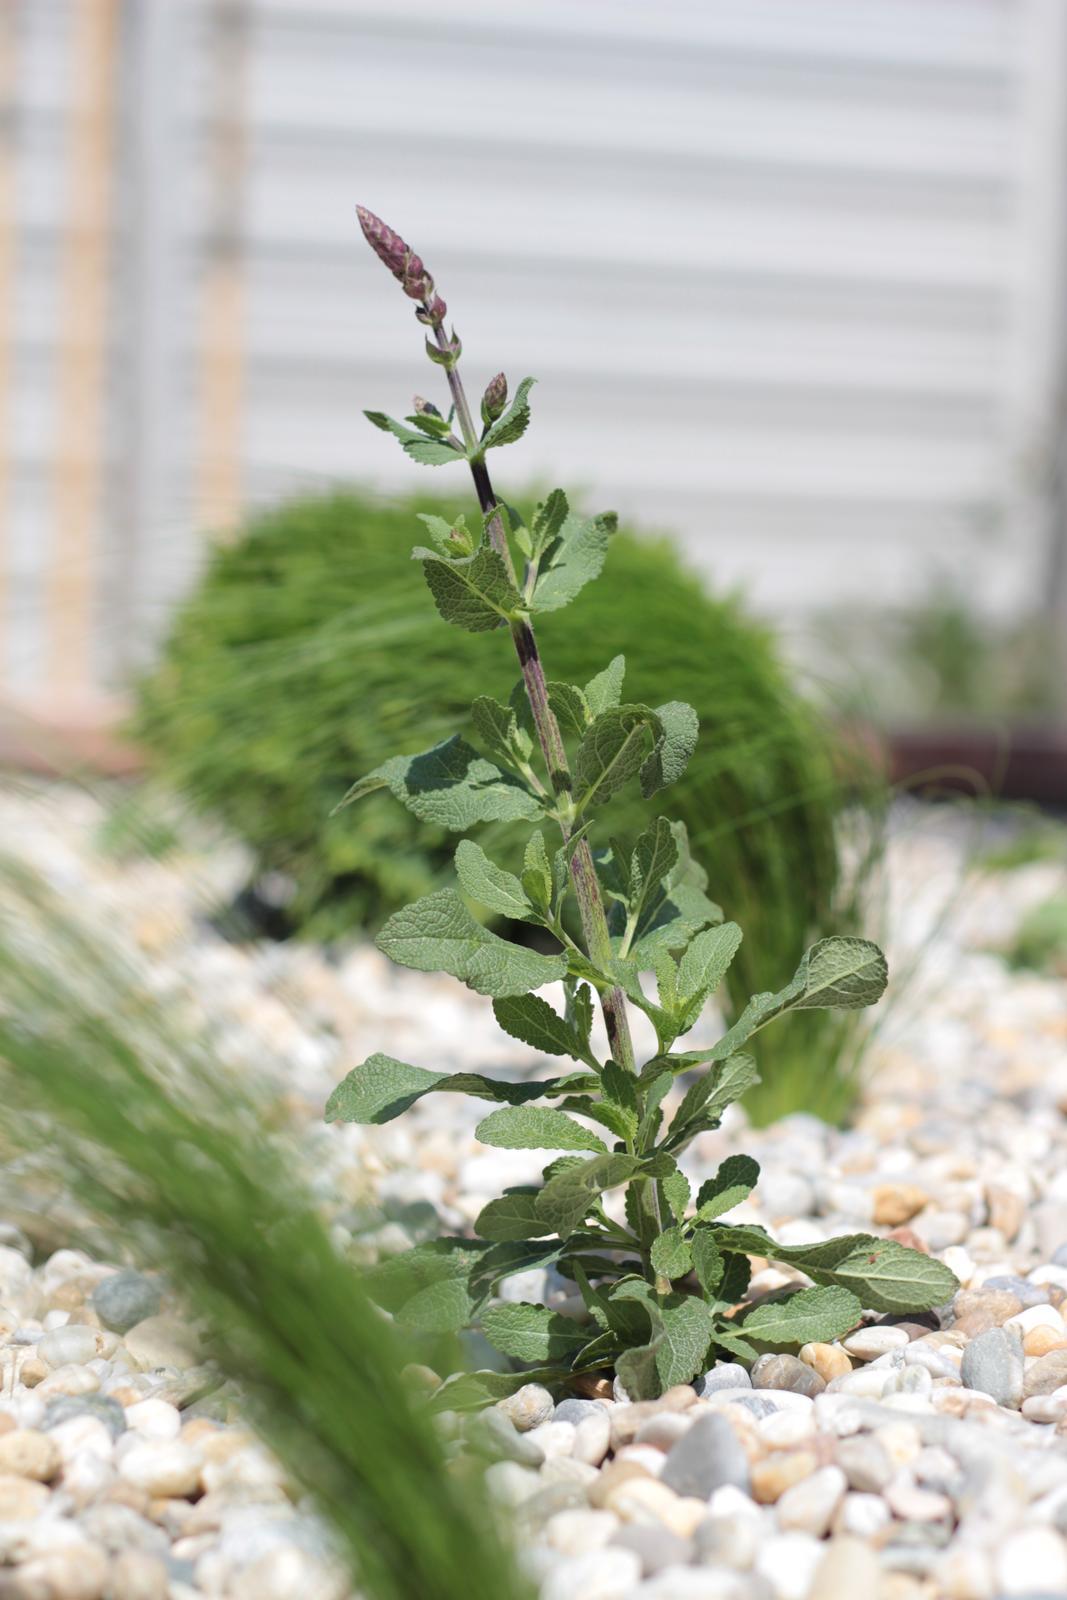 Exteriér - záhrada - Po 2 týždňoch - šalvia bude kvitnúť :-)